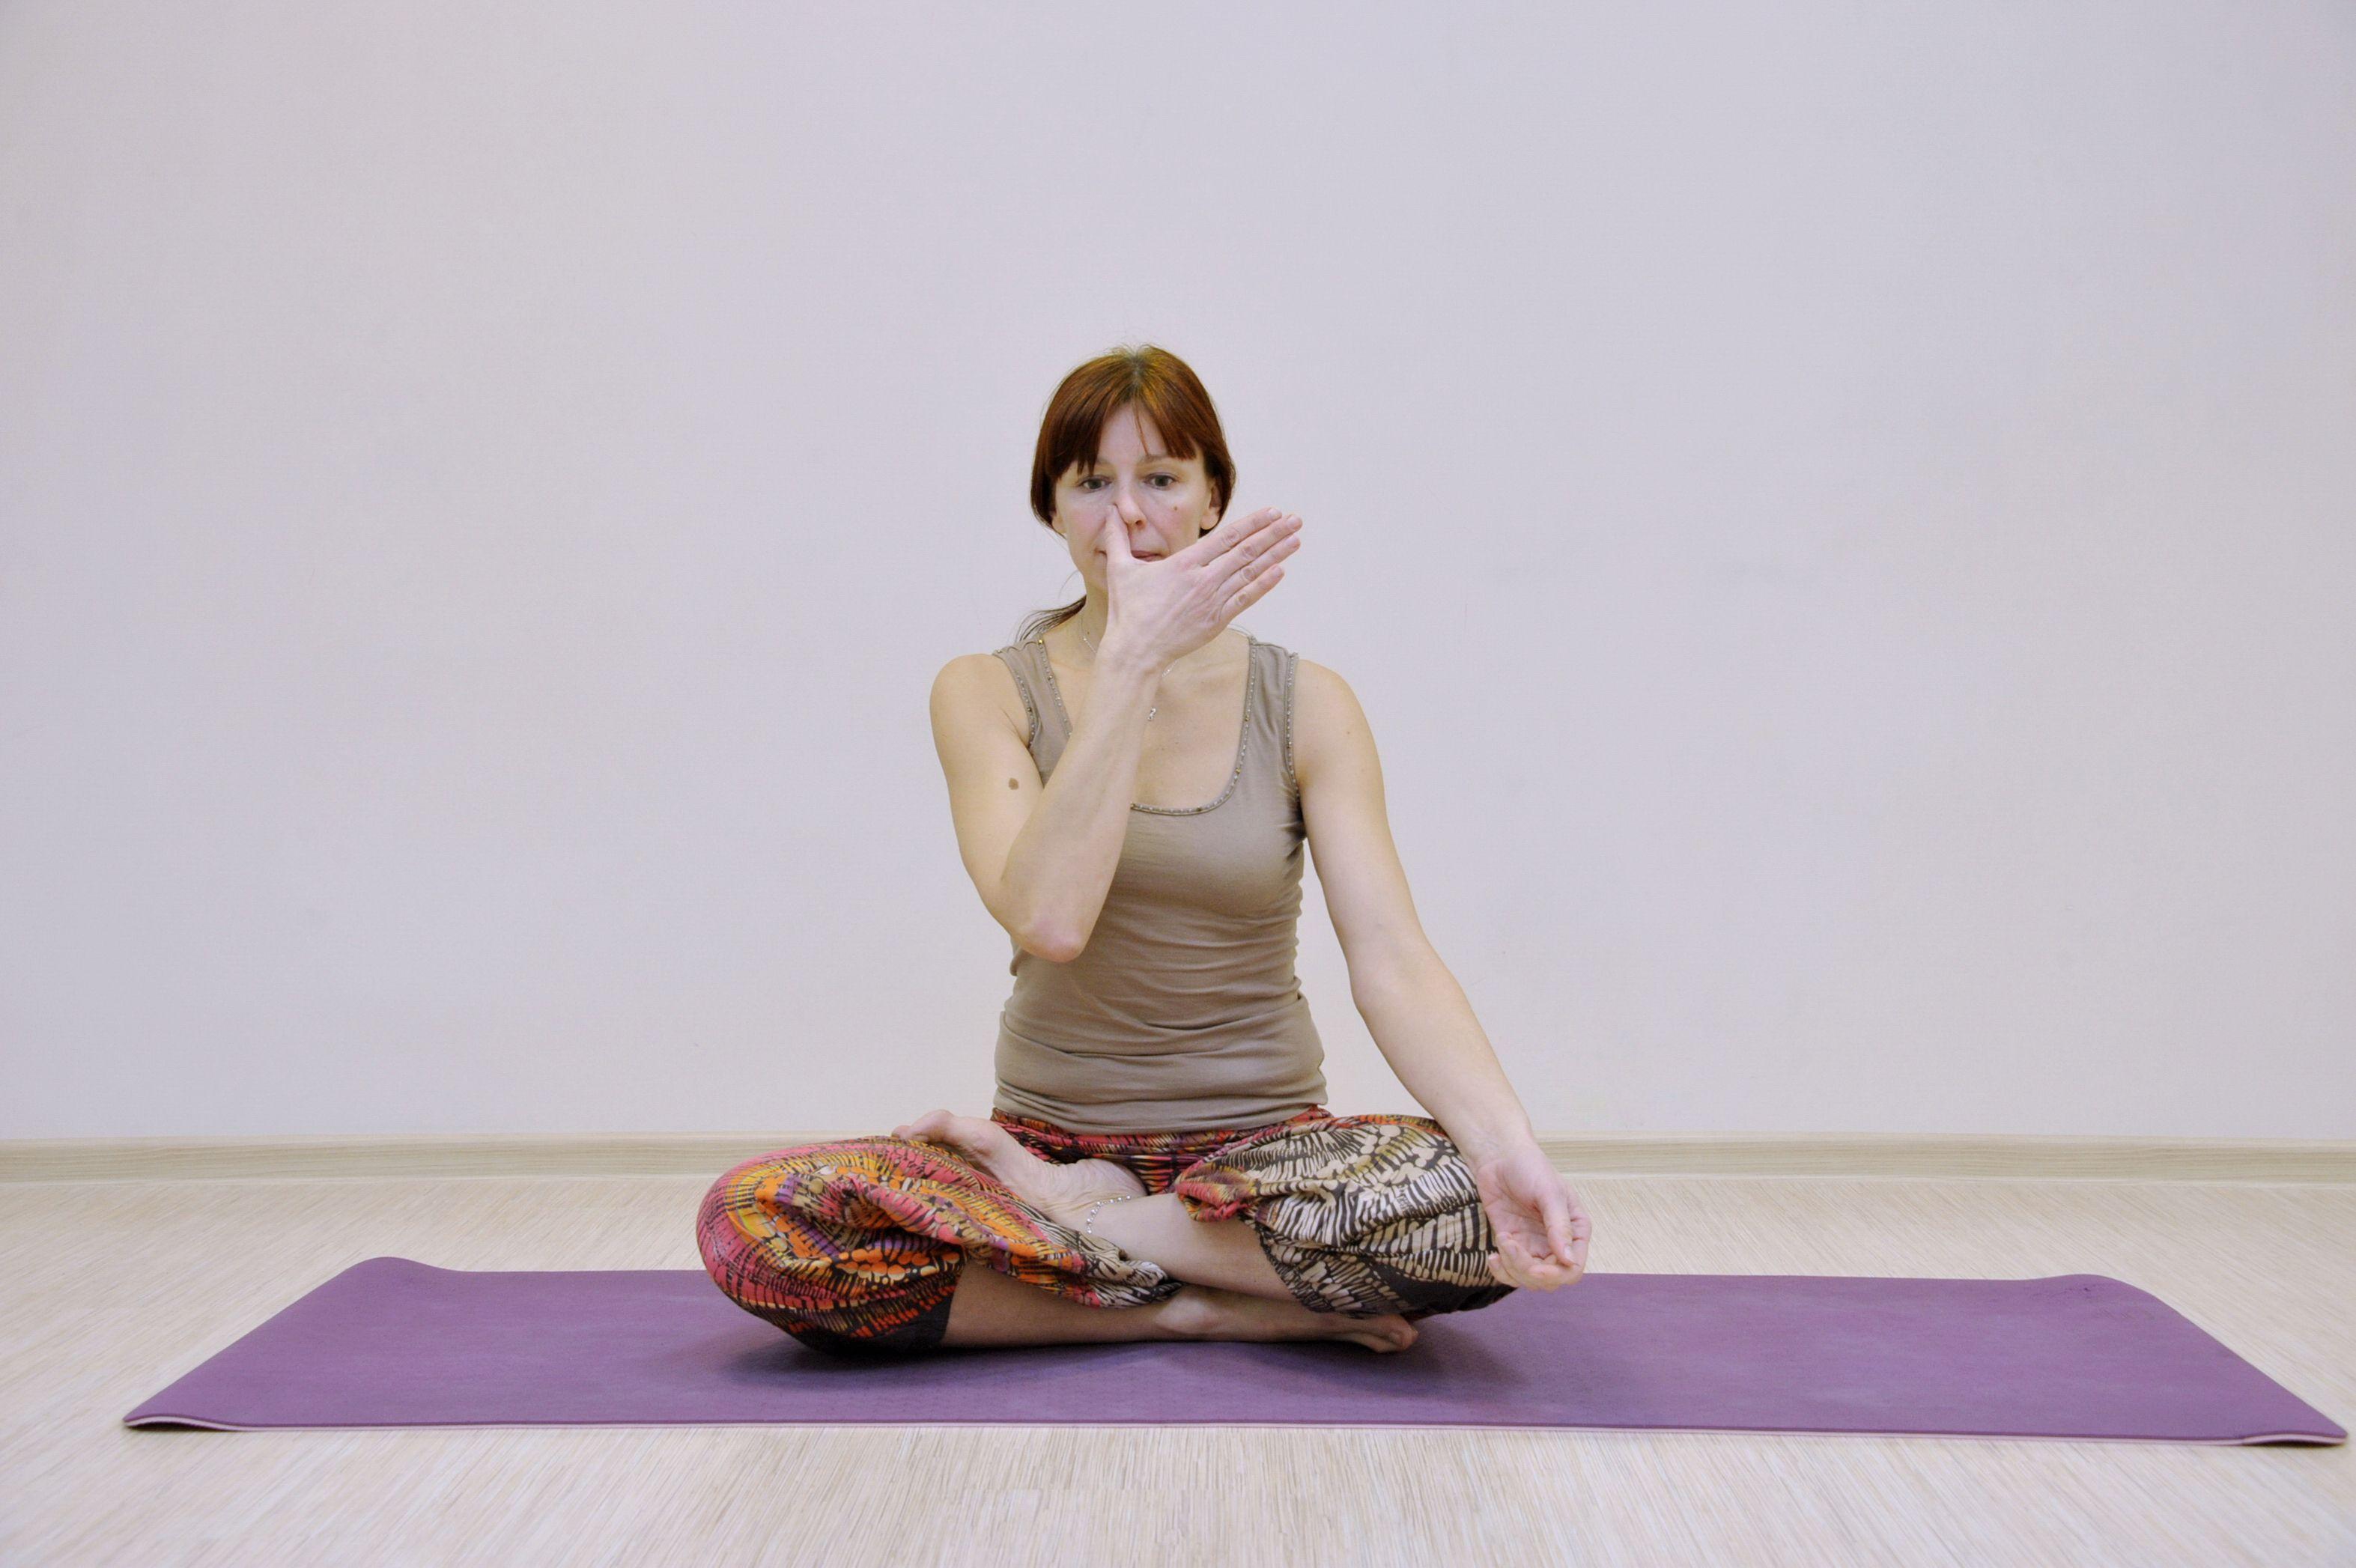 Taisyklingas kvėpavimas daro stebuklus kovojant su arterine hipertenzija ir astma - saugera.lt